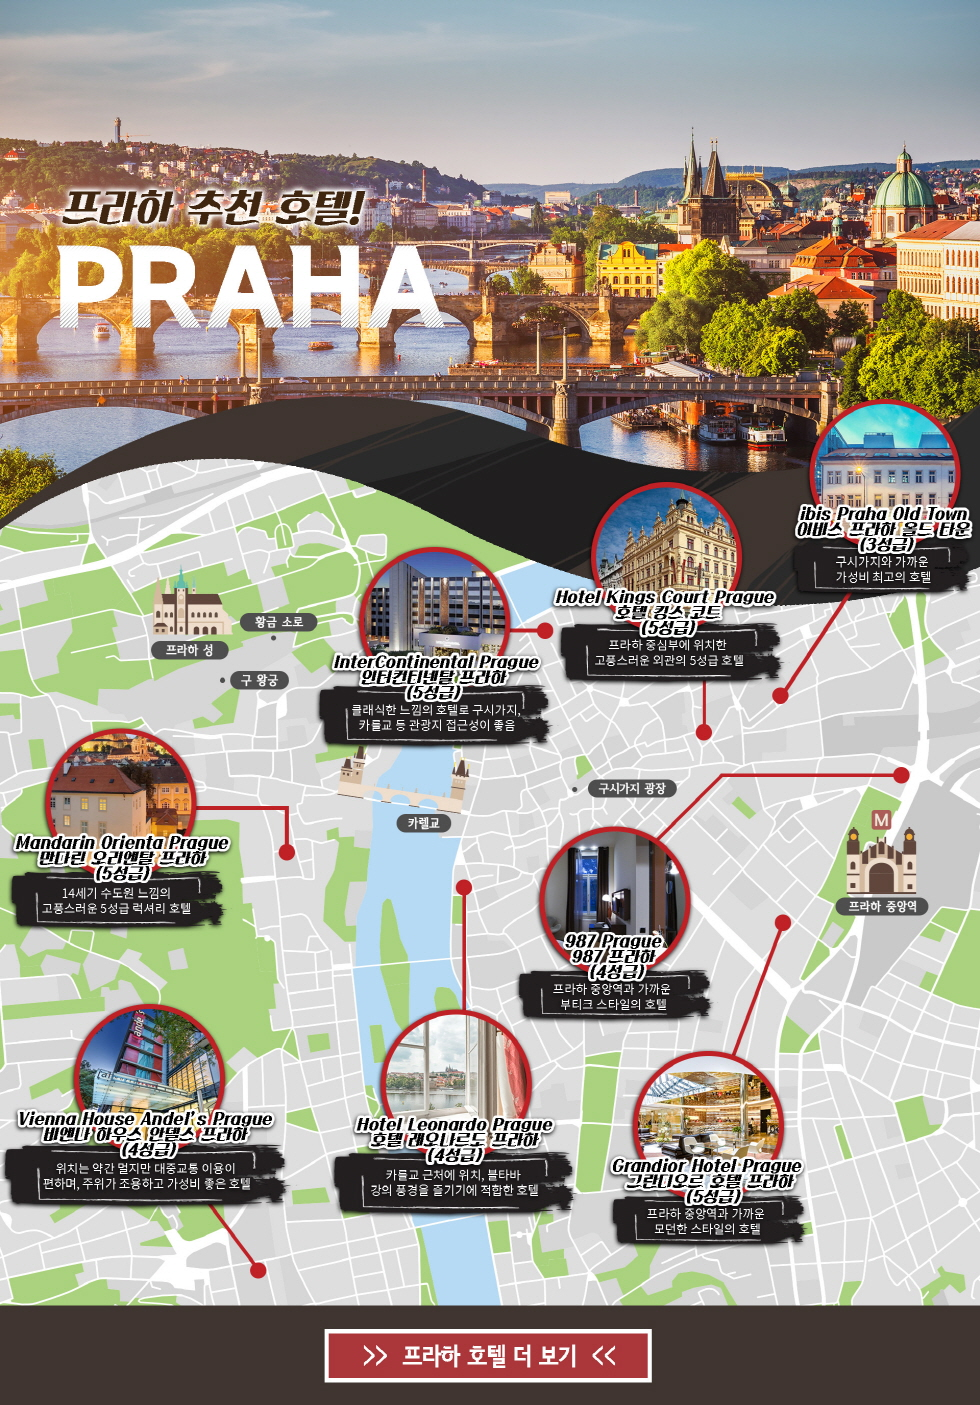 프라하 호텔 이벤트